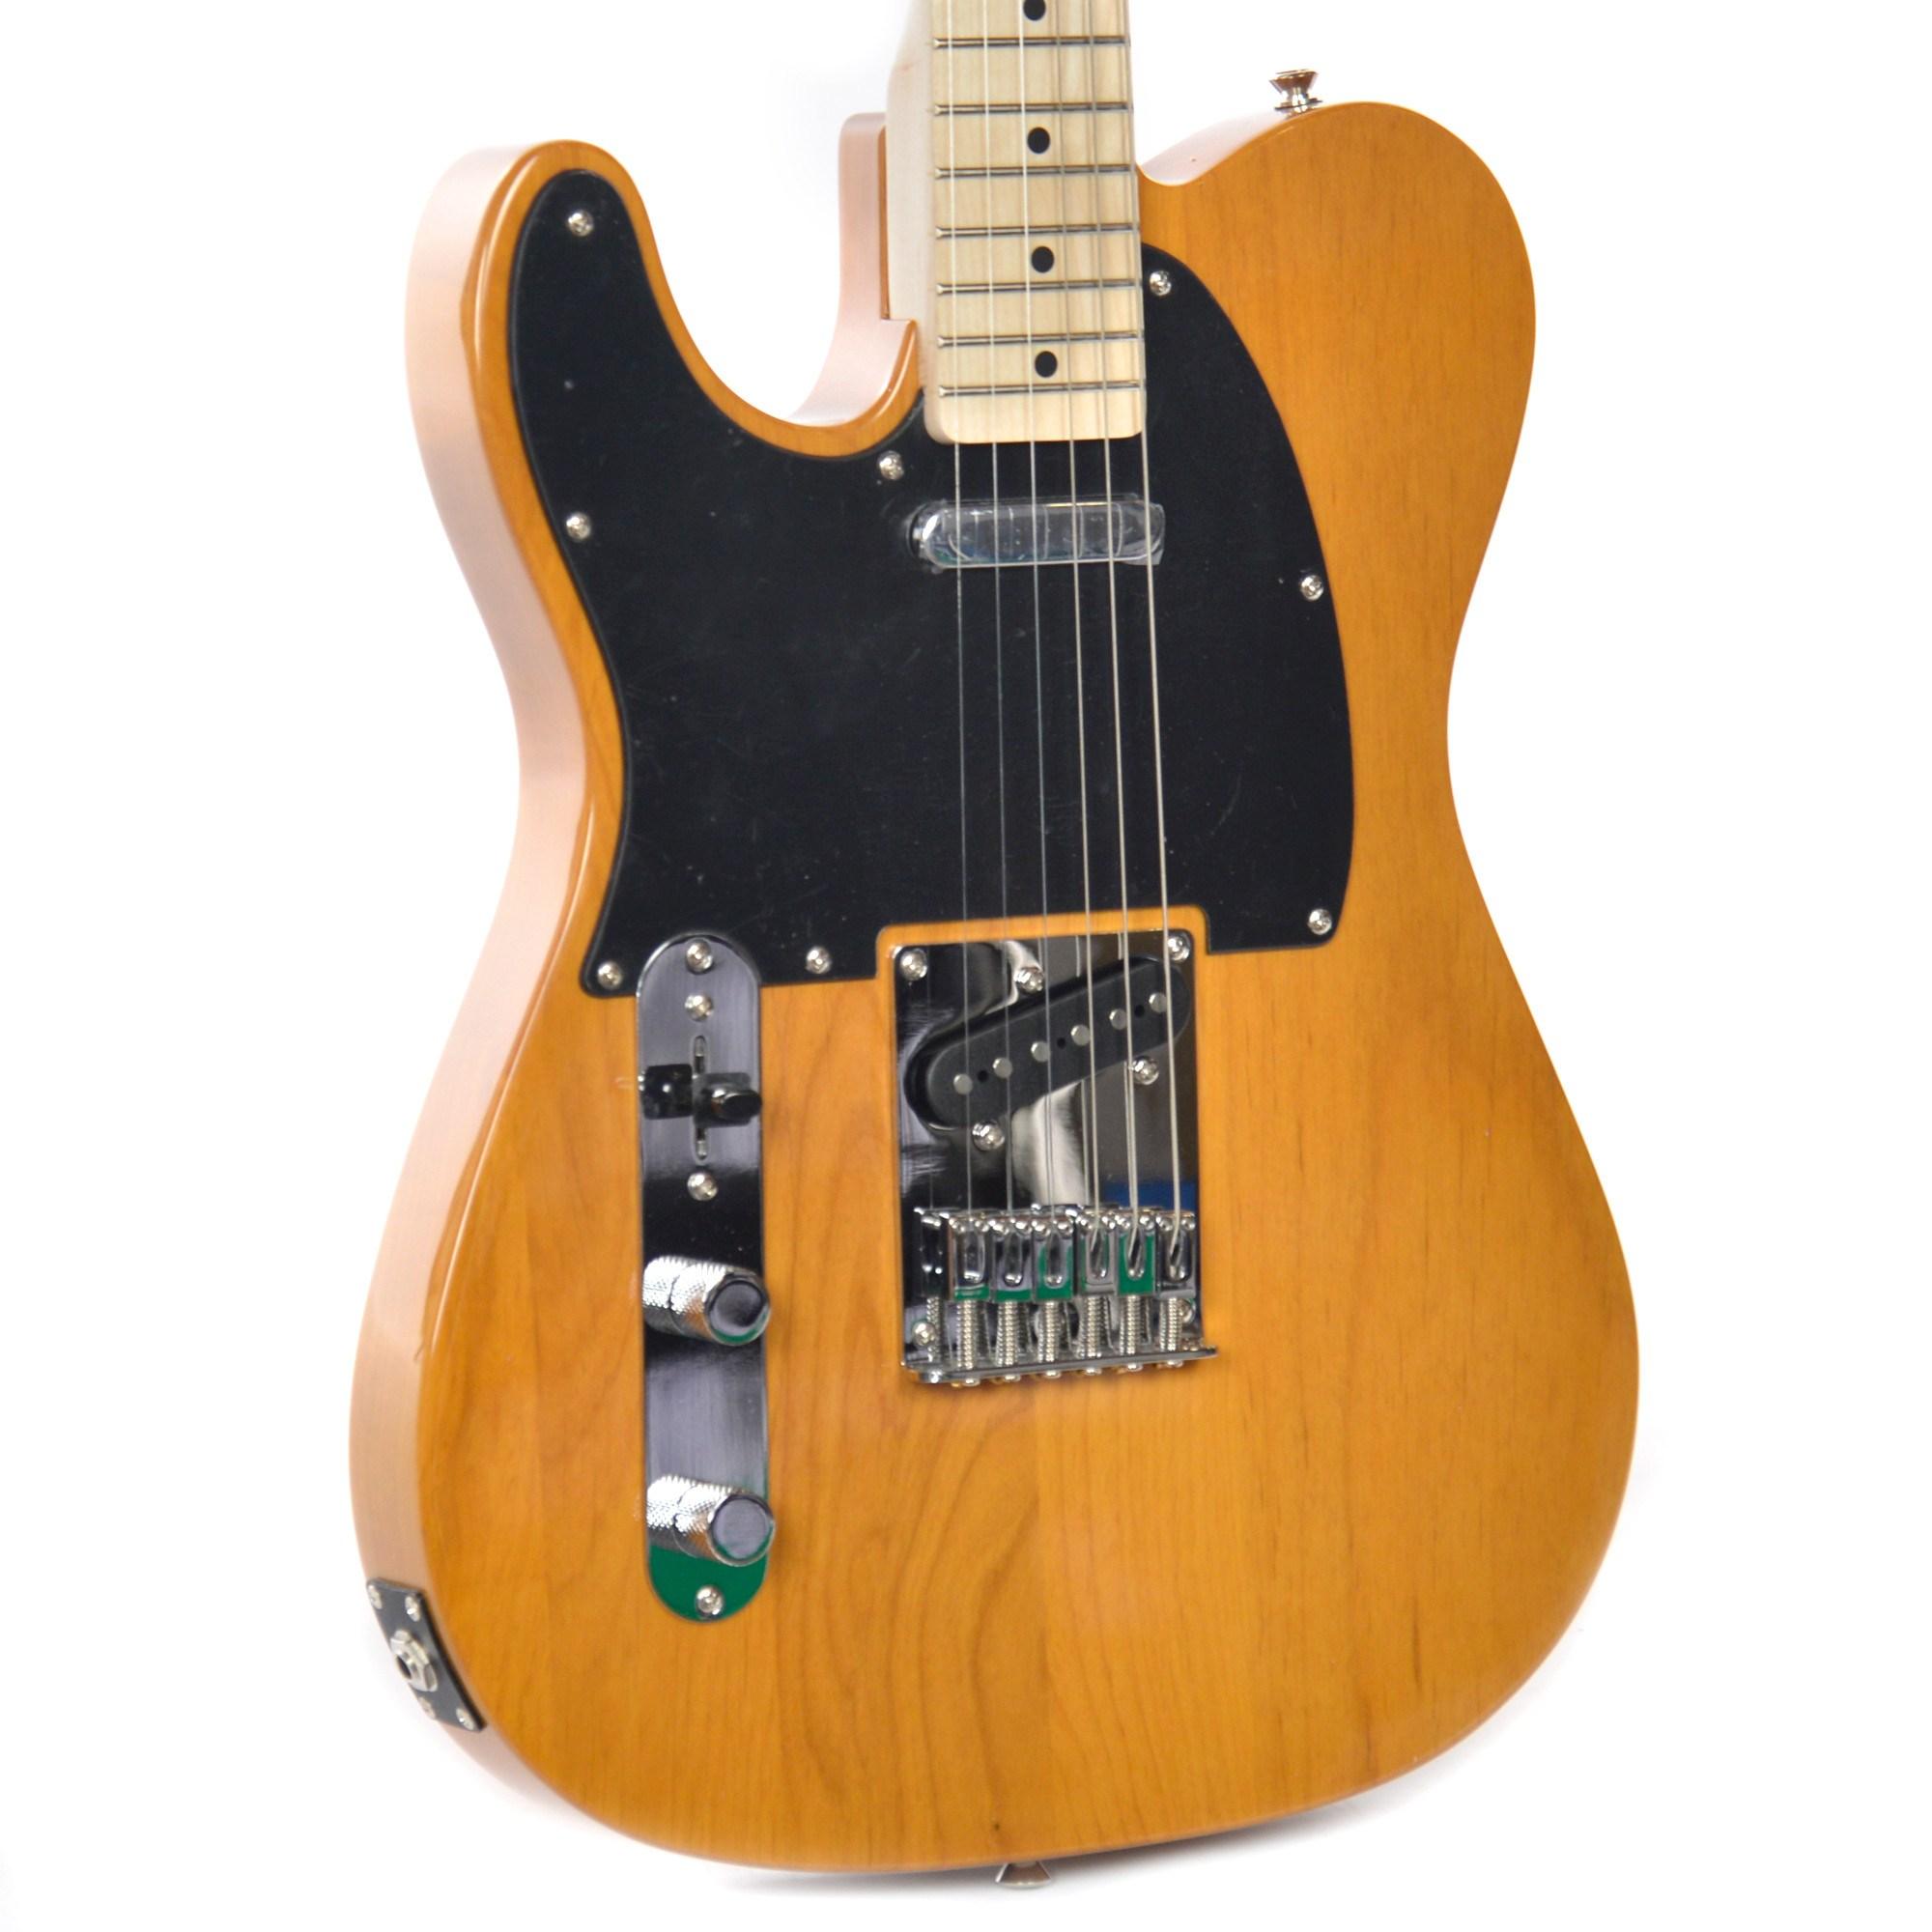 قیمت                      گیتار الکتریک فندر مدل Squier Affinity Series Telecaster Butterscotch              ⭐️⭐️⭐️